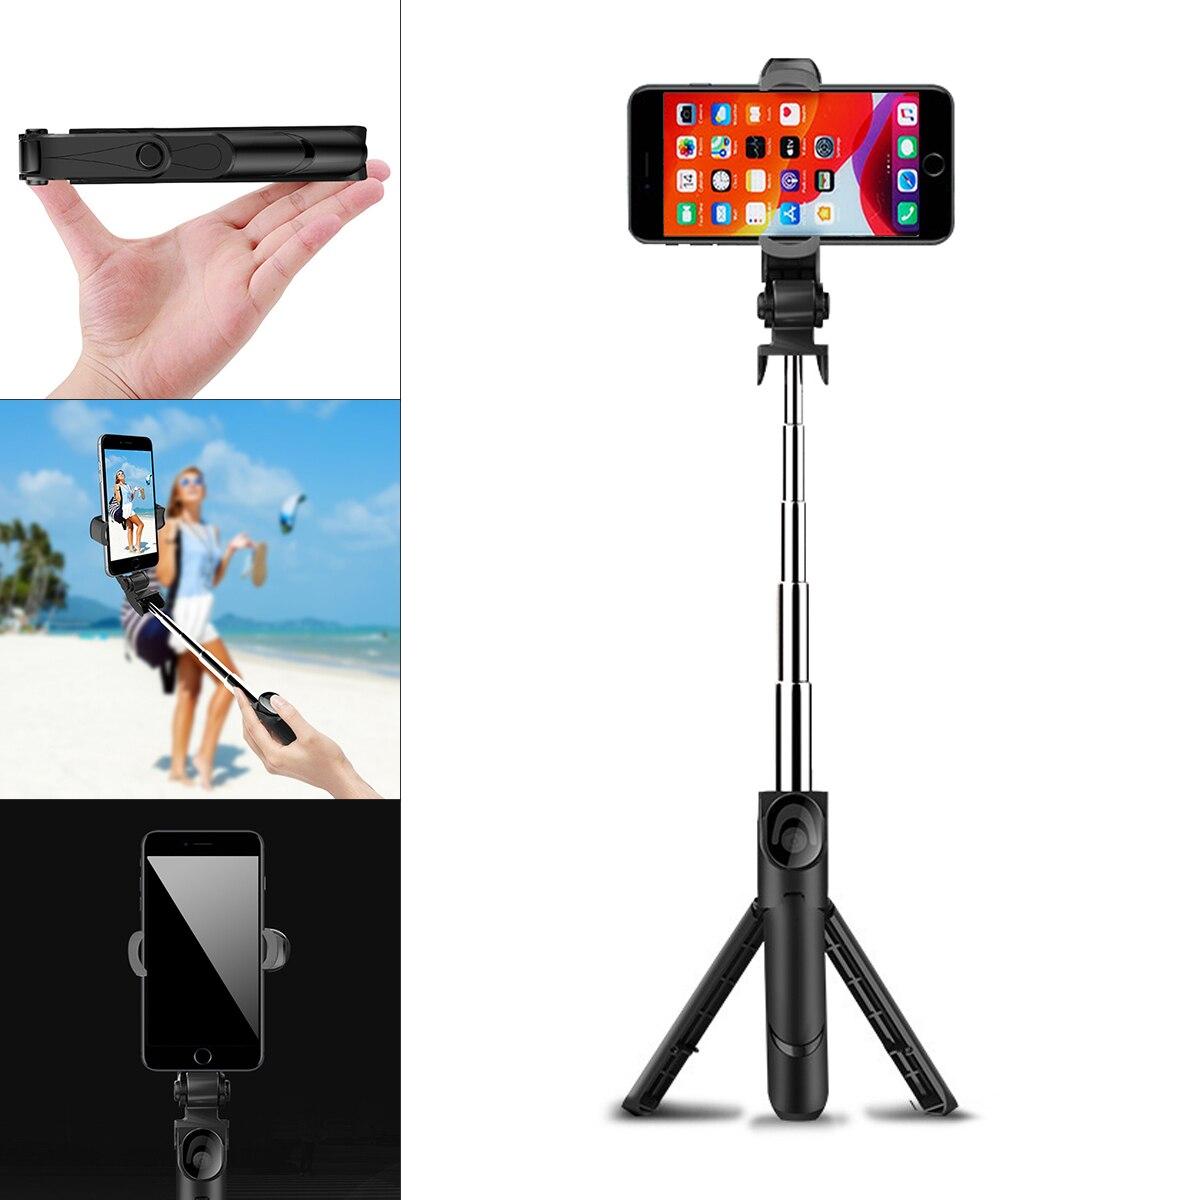 Holde com Controle Remoto para Maquiagem Fotografia ao Vivo Telefone Móvel Selfie Vara Bluetooth Smartphone Tripé Vídeo Xt09